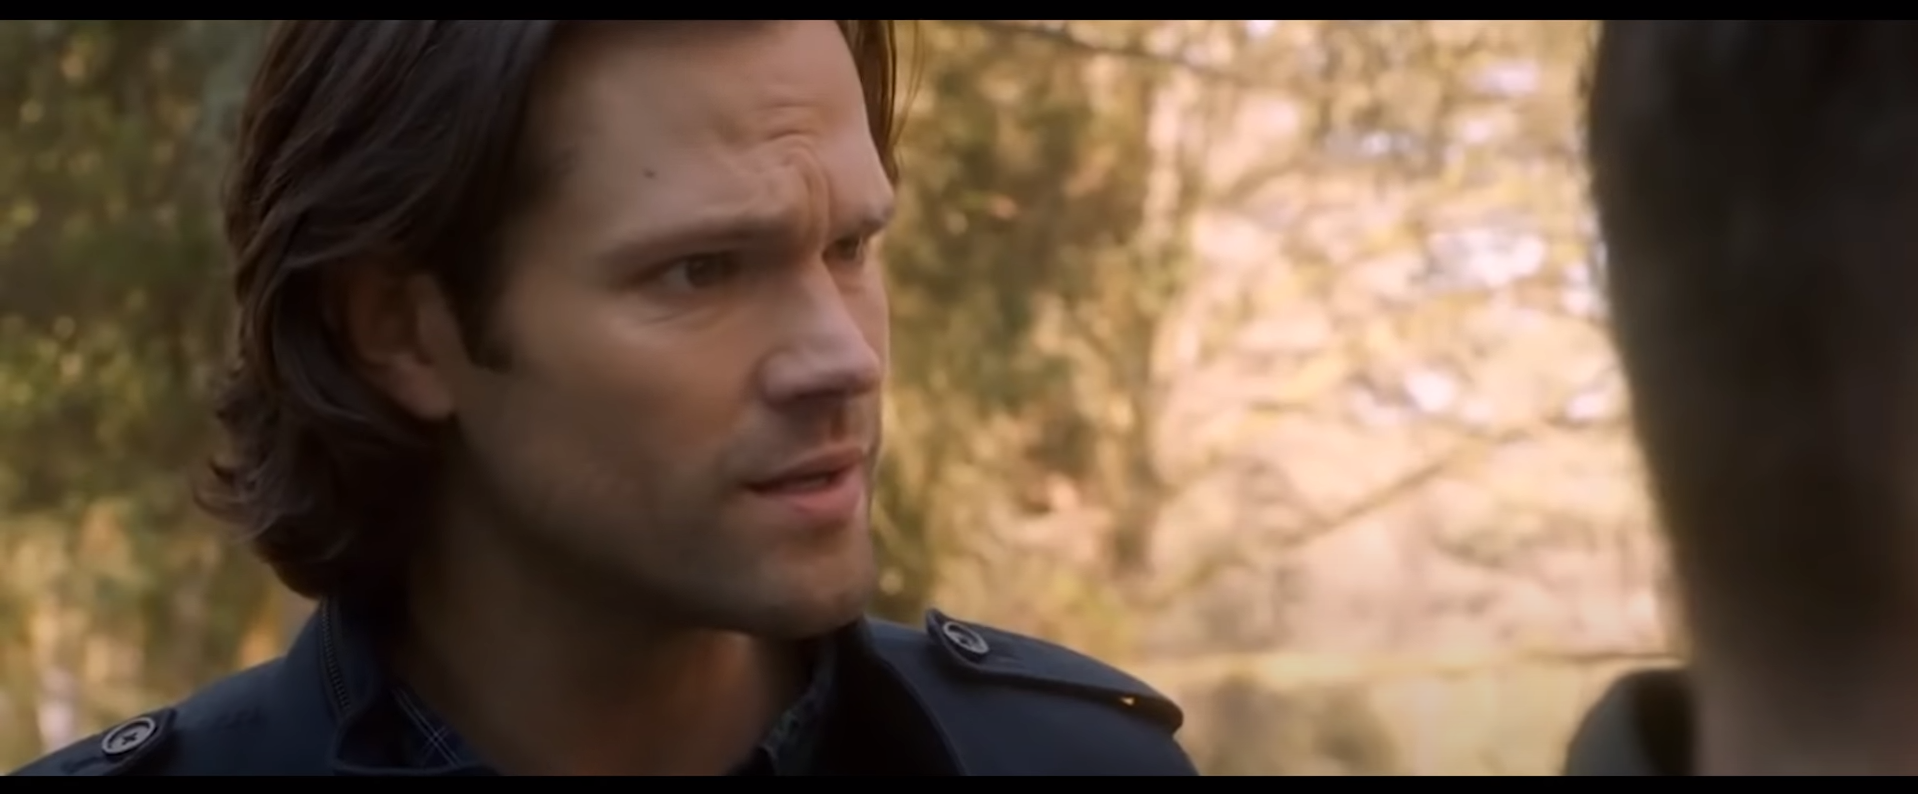 кадр из сериала сверхъестественное Сэм Винчестер